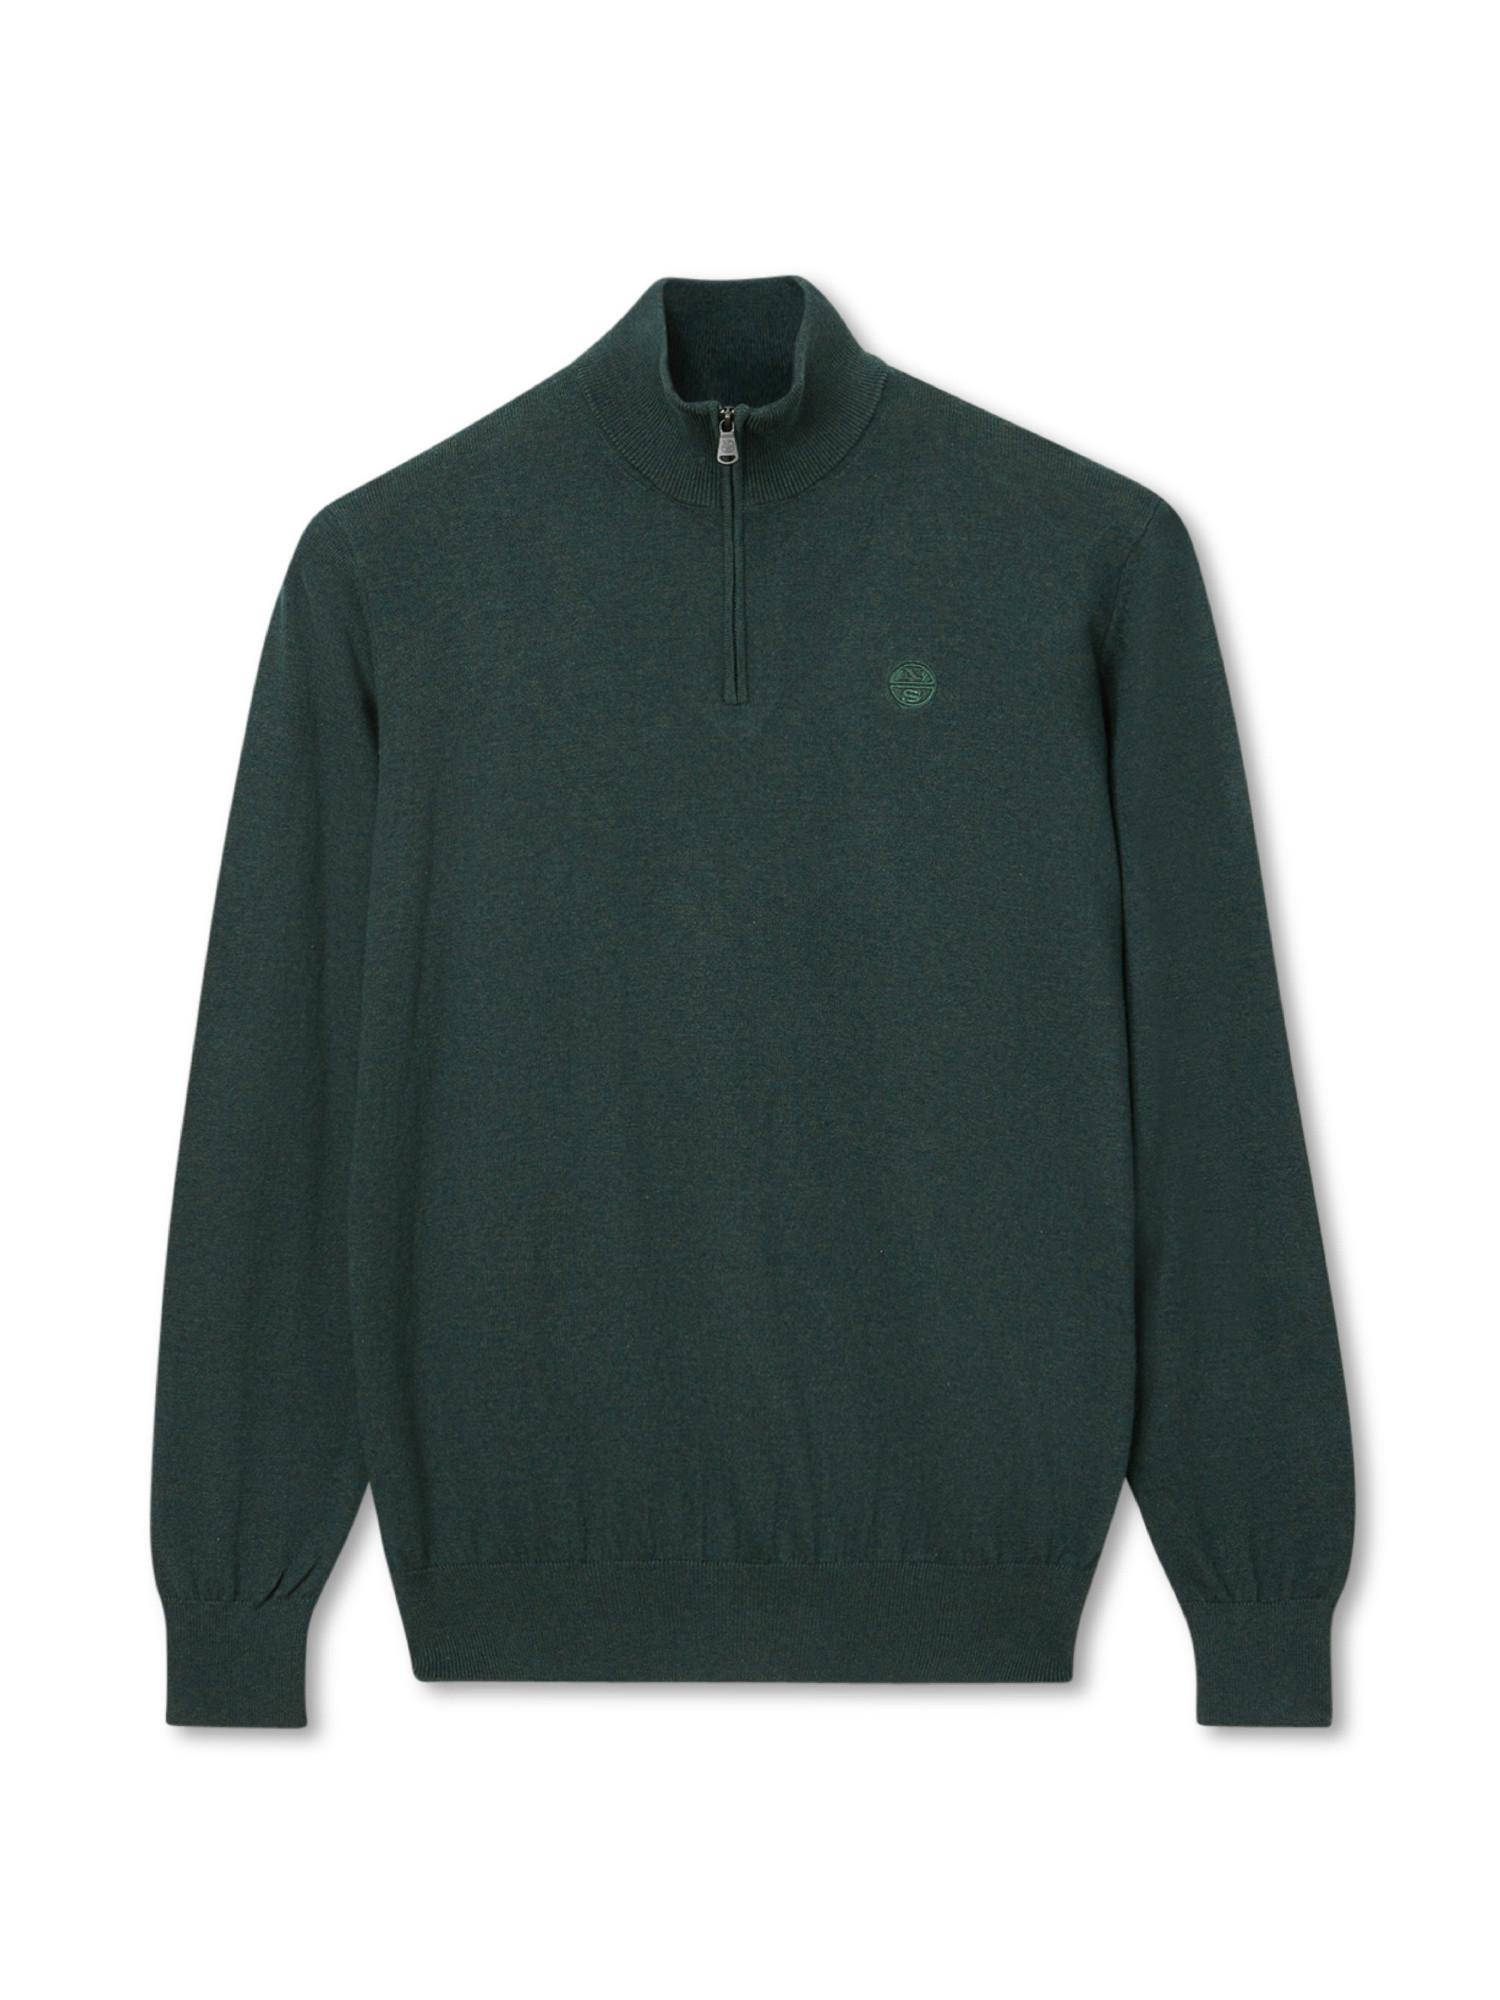 Maglione con scollo a V, Verde, large image number 0